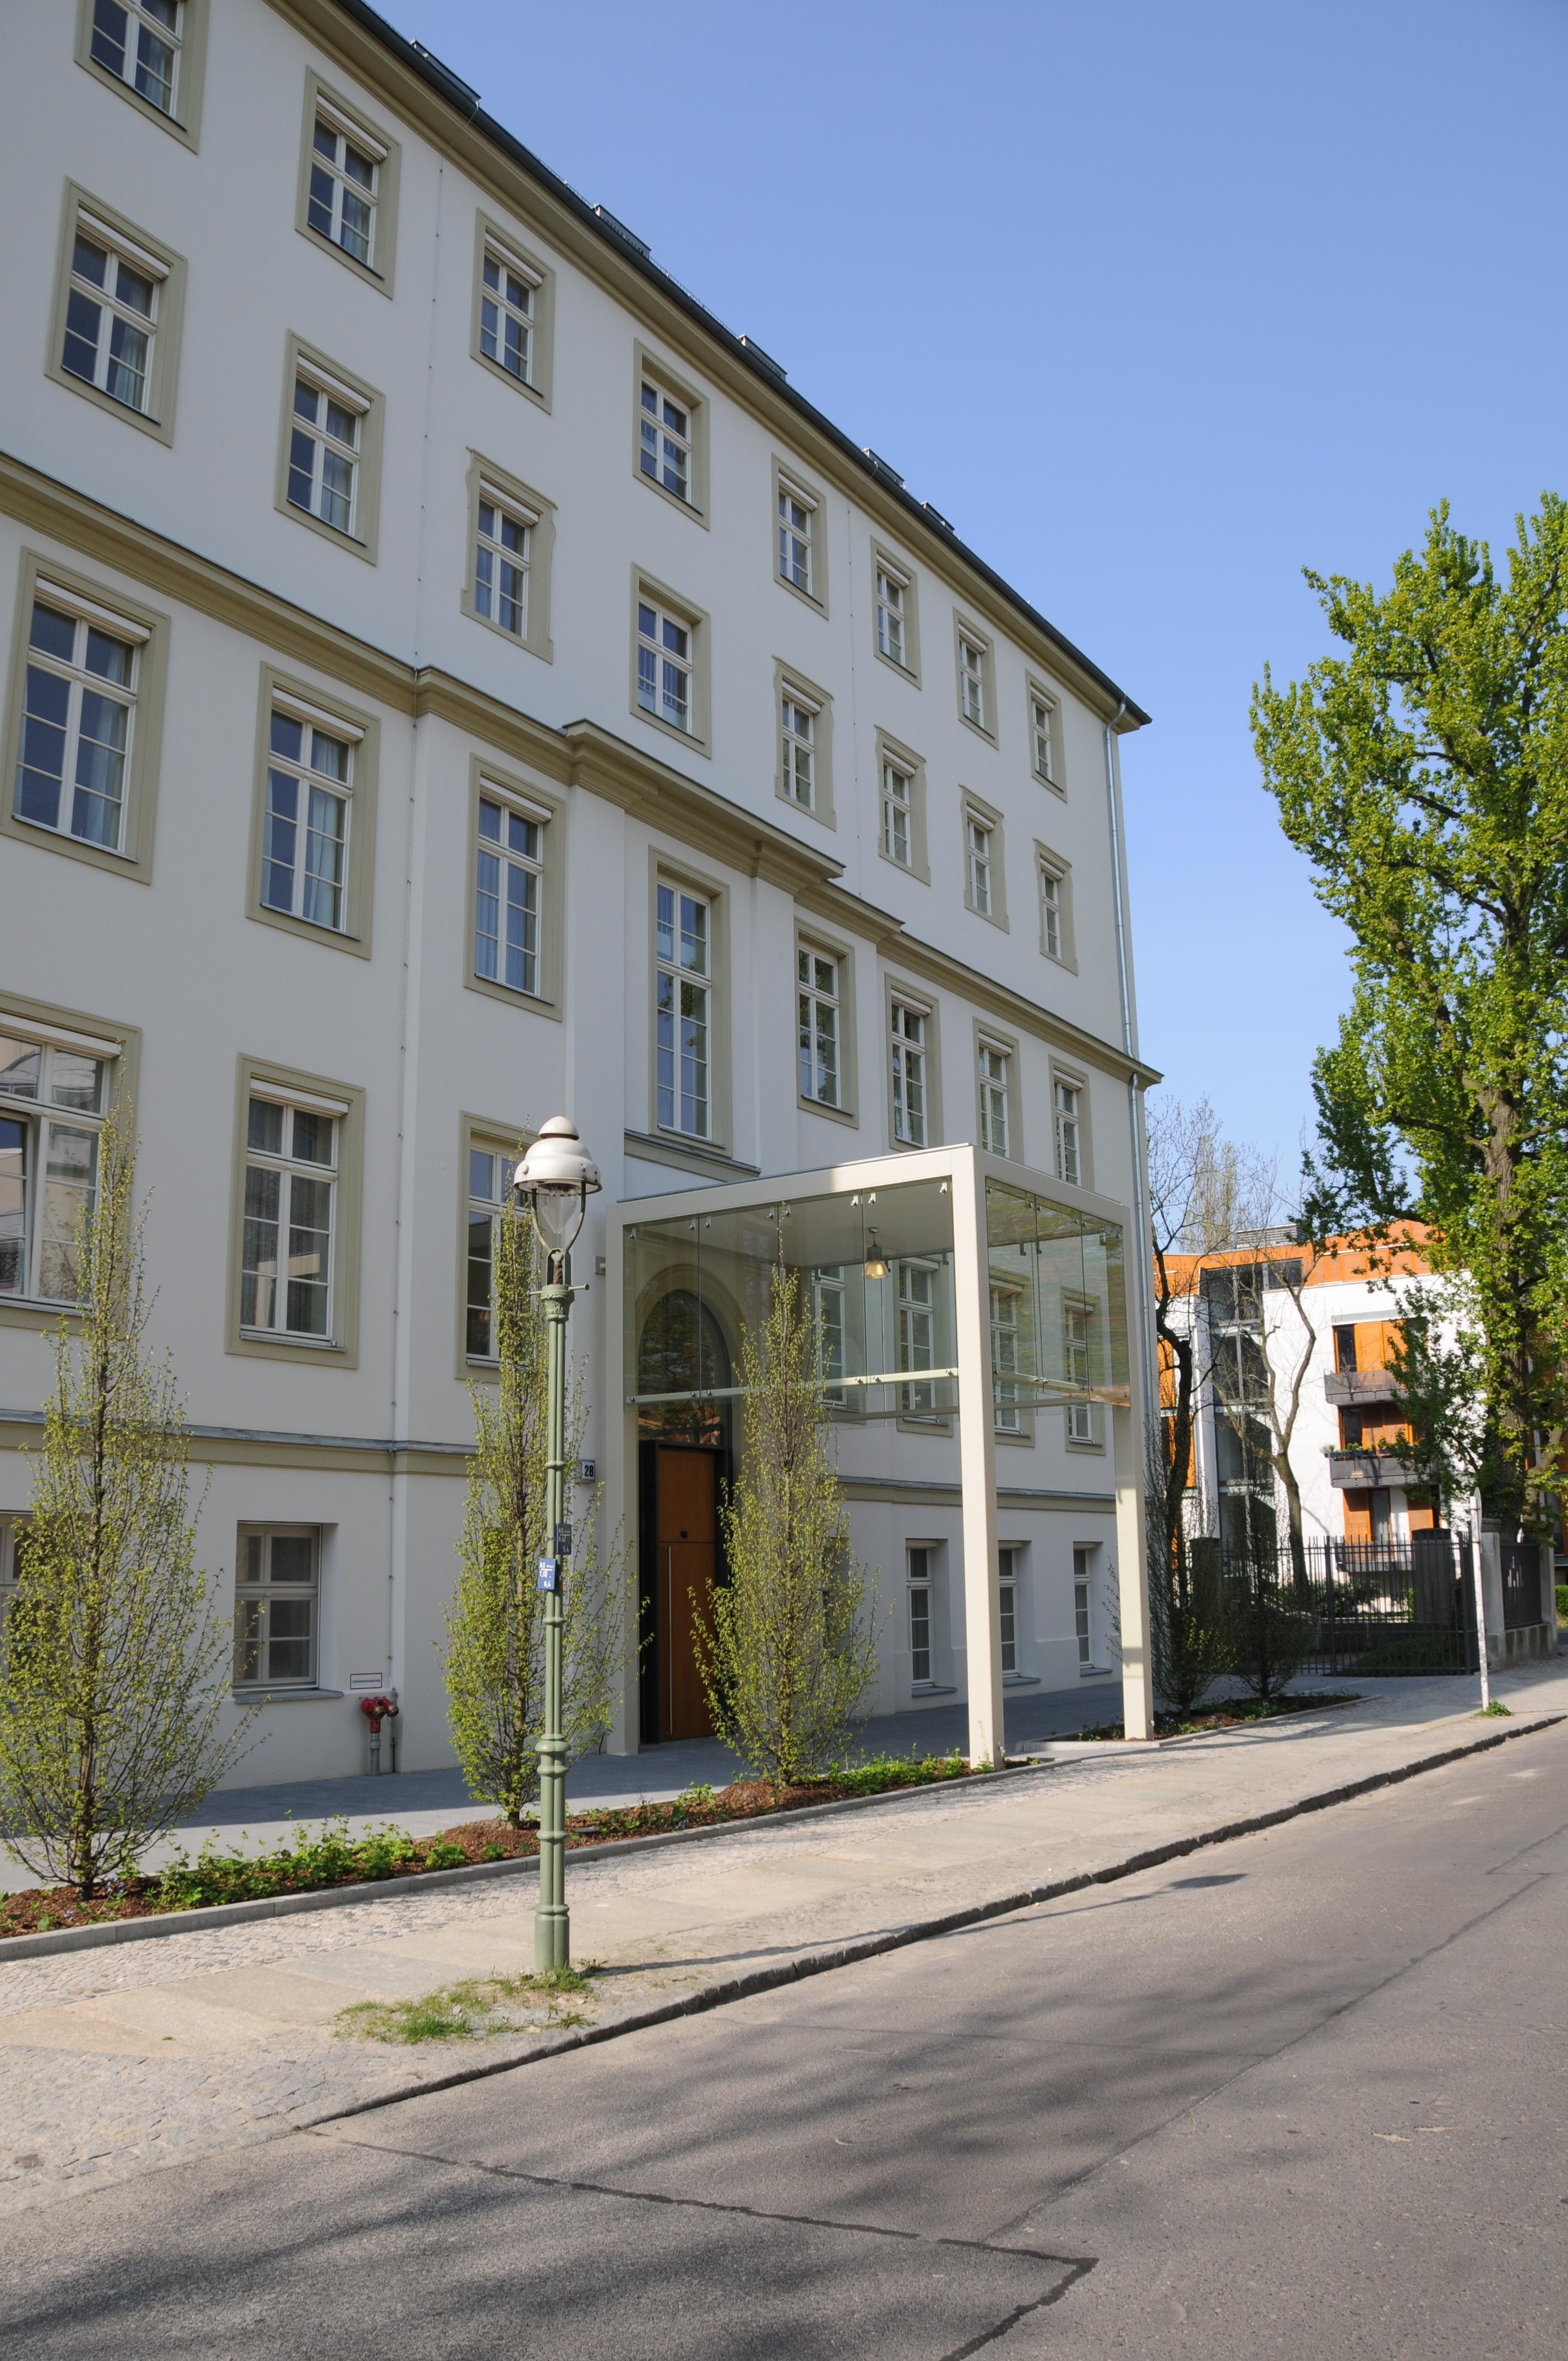 Nova Vita Residenz Im Paulinenhaus Berlin-Charlottenburg